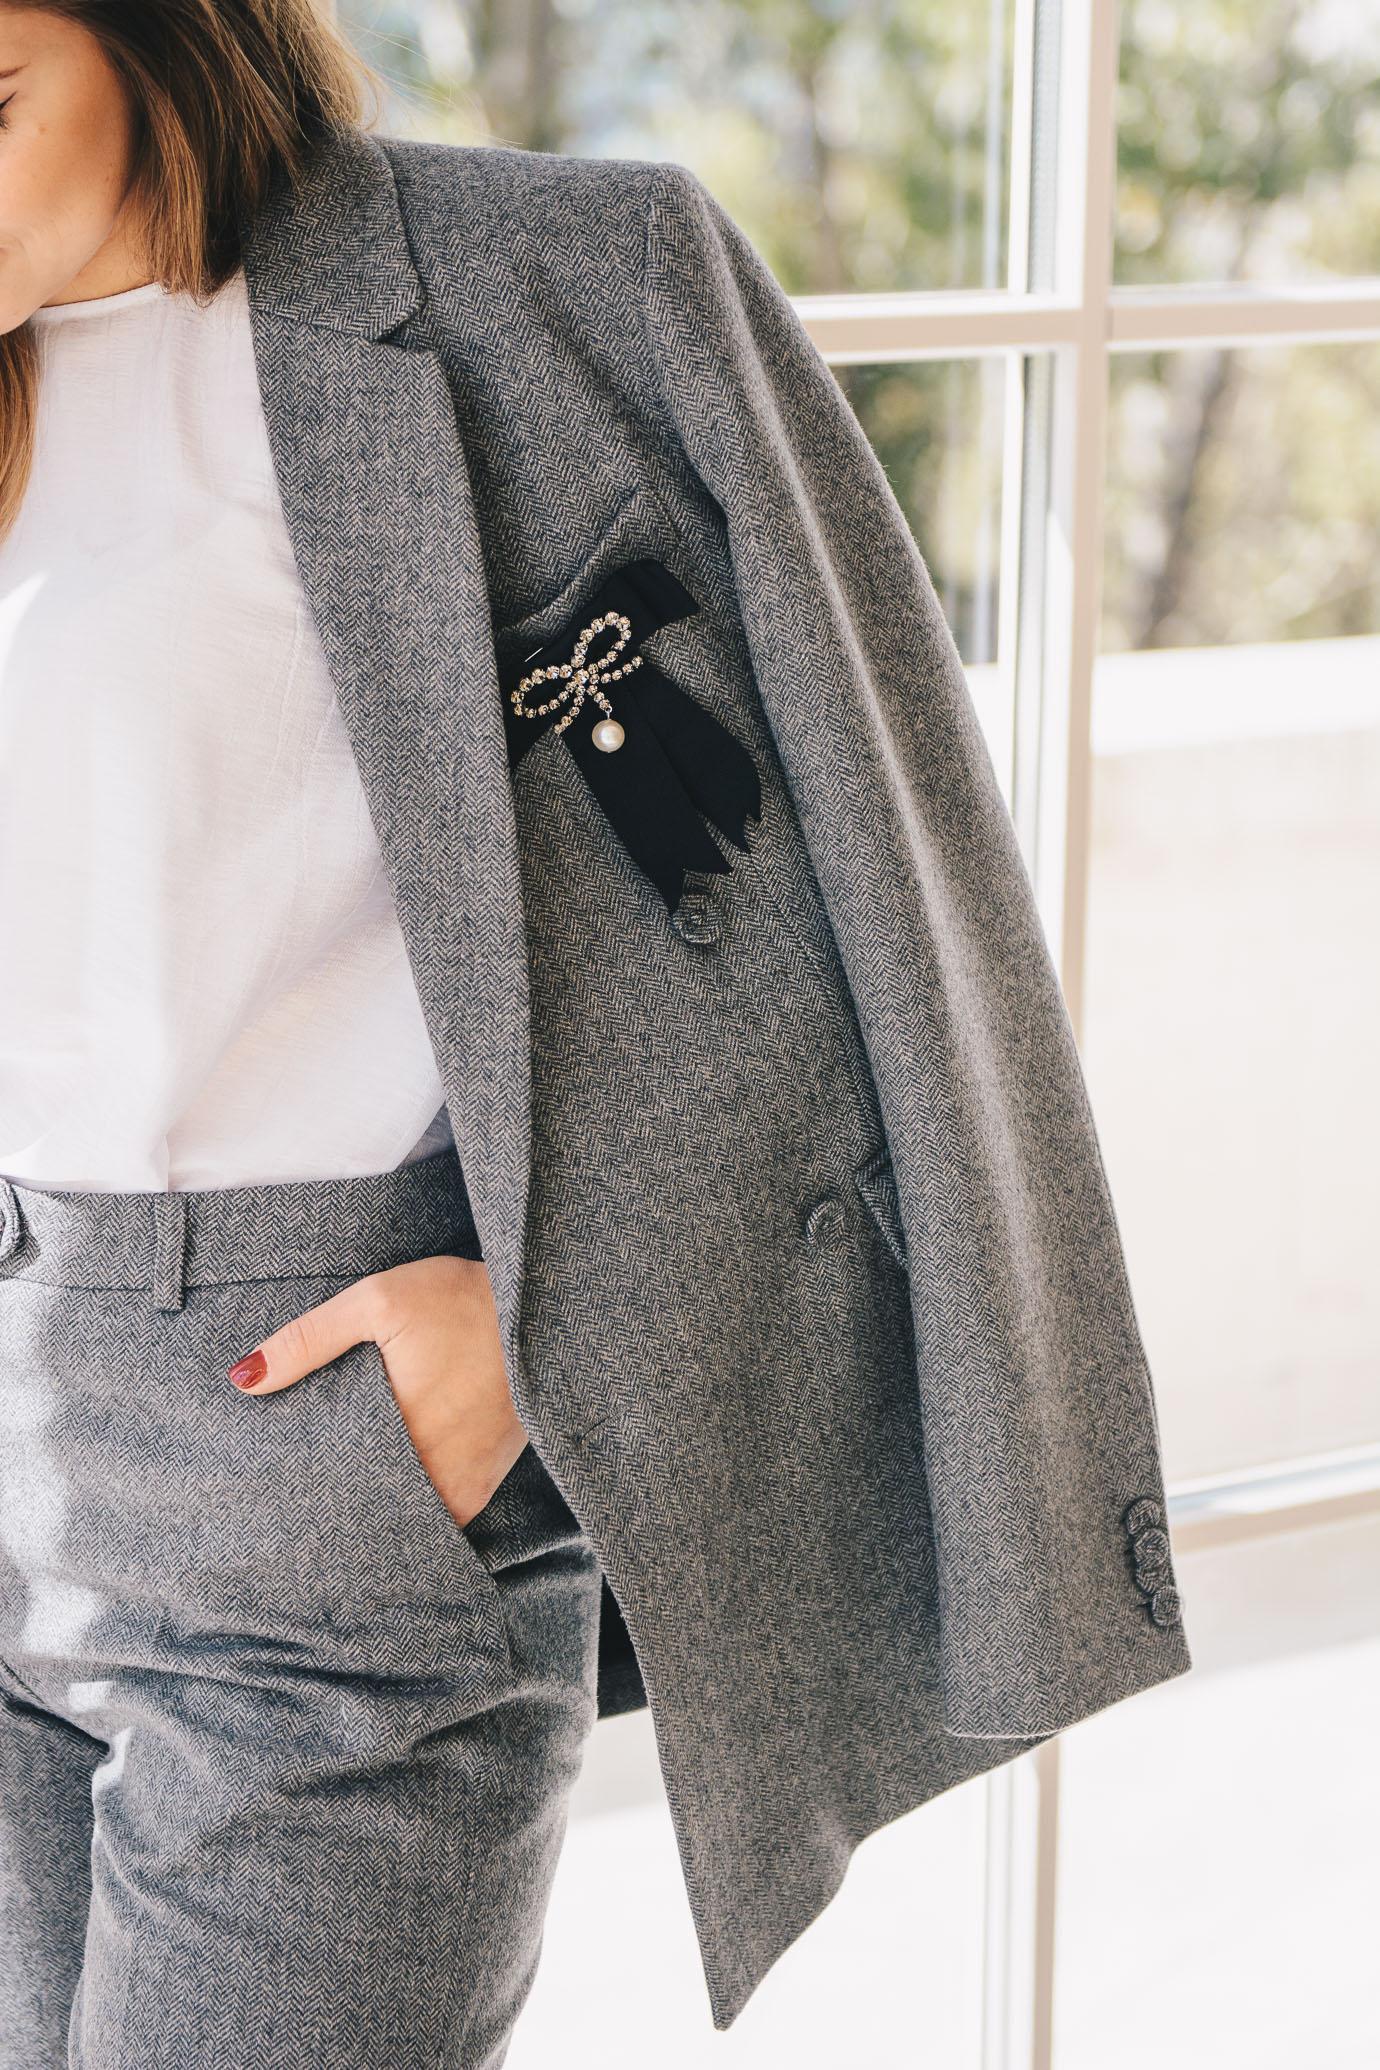 H&M Erdem suit